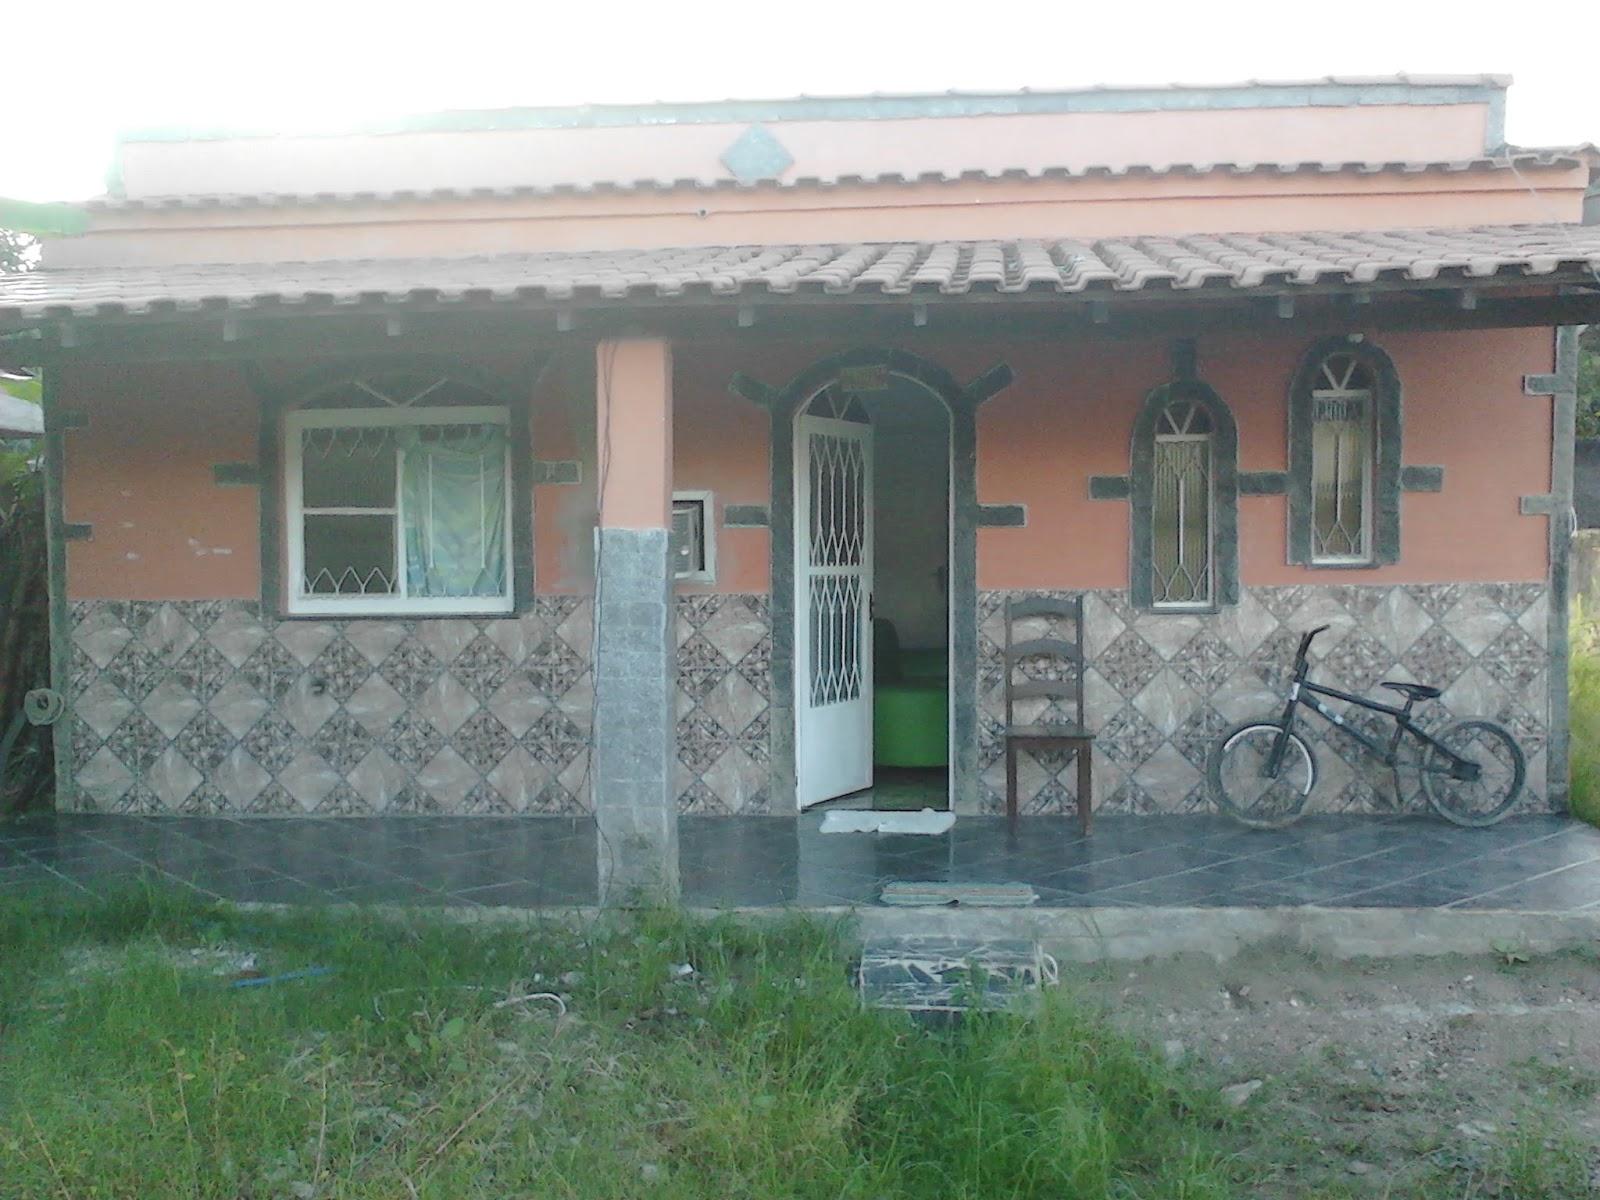 Venda de Casas & Terrenos em Maricá: Ótima Casa de 80 mil reais #7D604E 1600x1200 Banheiro Acessivel Completo